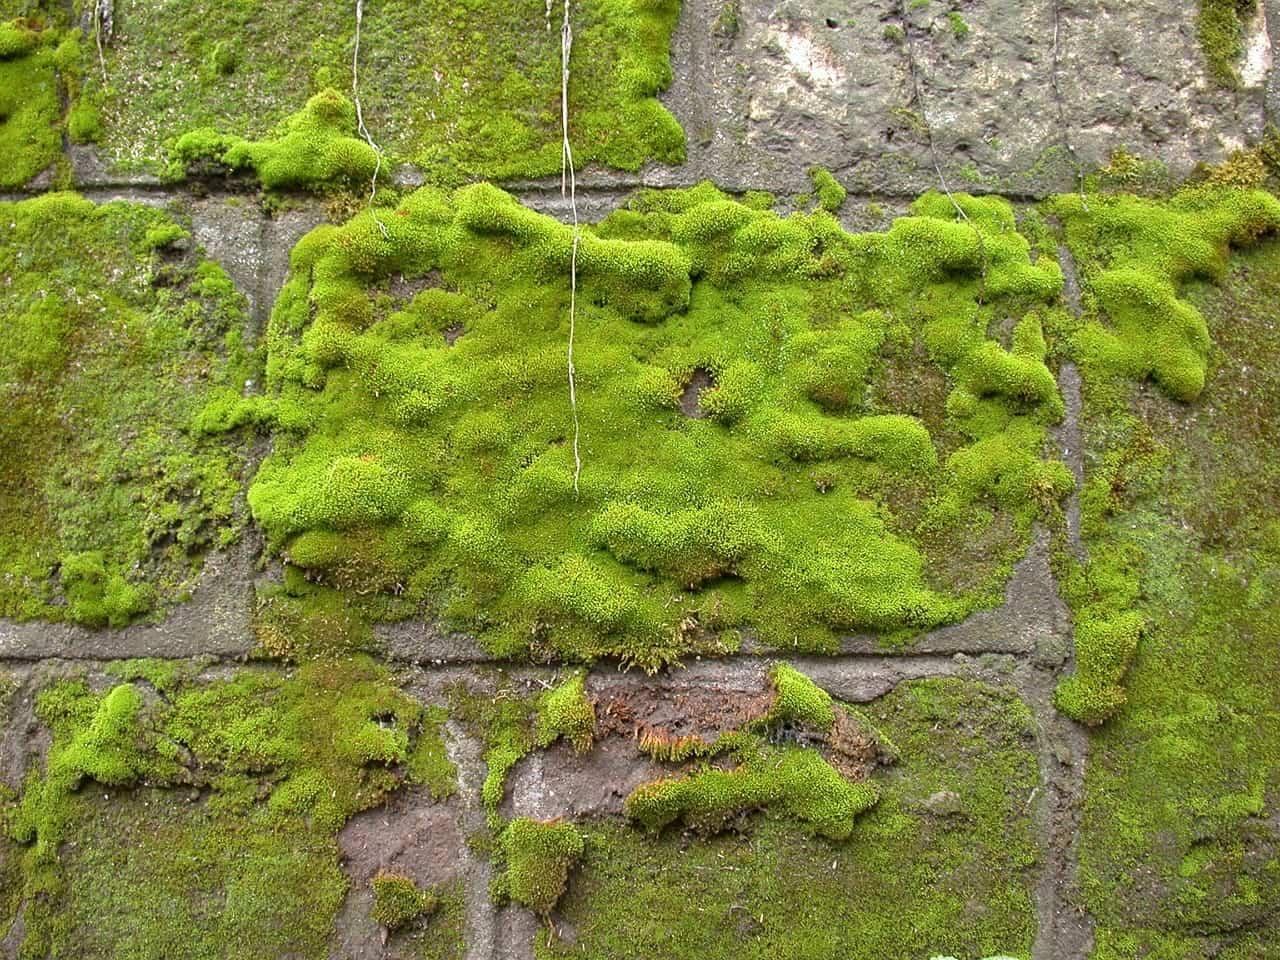 Can a Moss Culture Really Clean Urban Air?